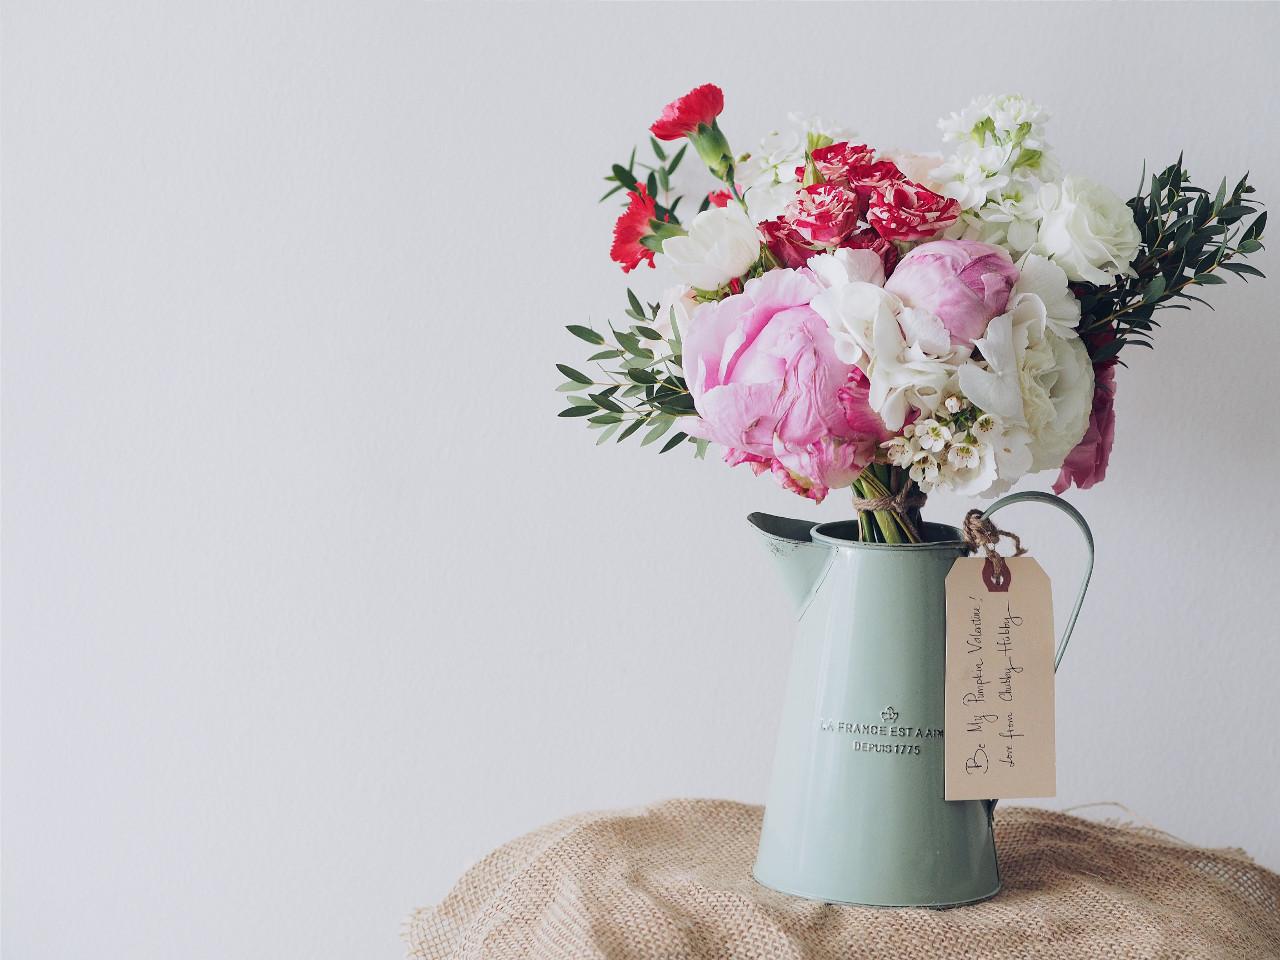 In einer Metallkanne steht ein Strauß mit vielen hellen Blumen. Am Rand hängt eine Grußkarte